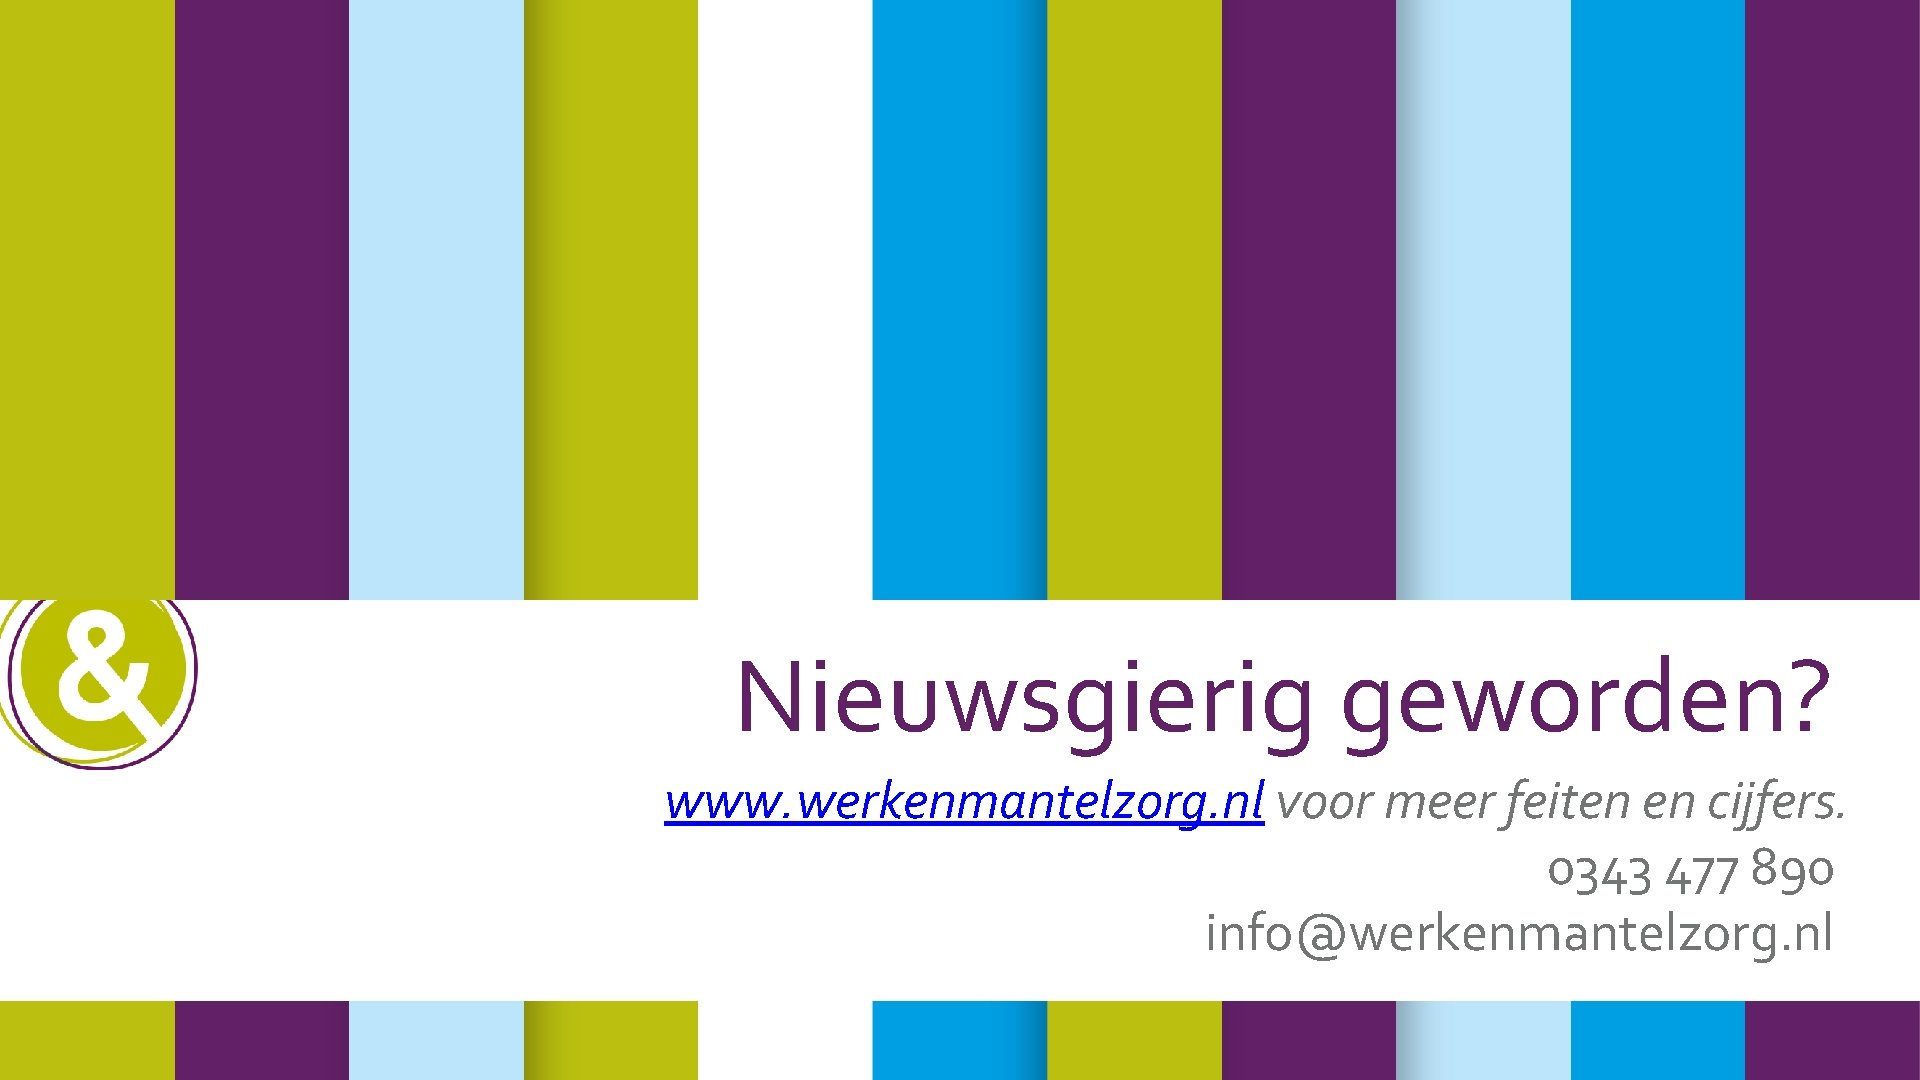 Nieuwsgierig geworden? www. werkenmantelzorg. nl voor meer feiten en cijfers. 0343 477 890 info@werkenmantelzorg.